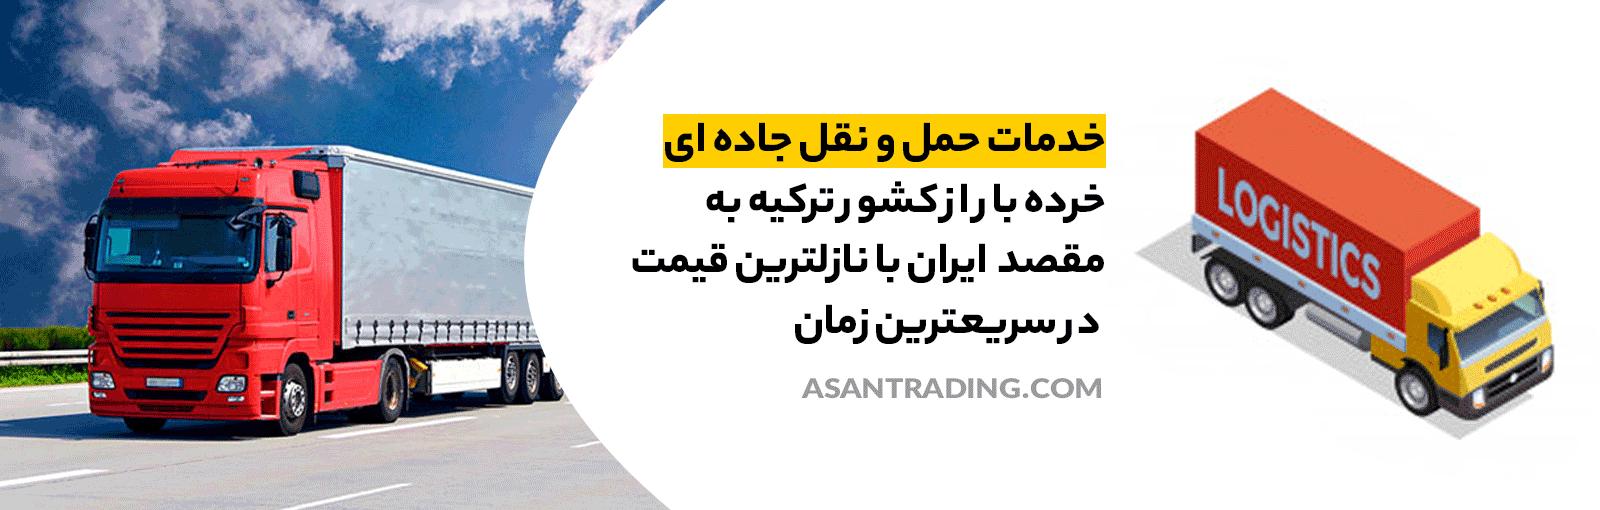 خدمات-حمل-و-نقل-جاده-ای-خرده-بار-از-کشور-ترکیه-به-مقصد-ایران